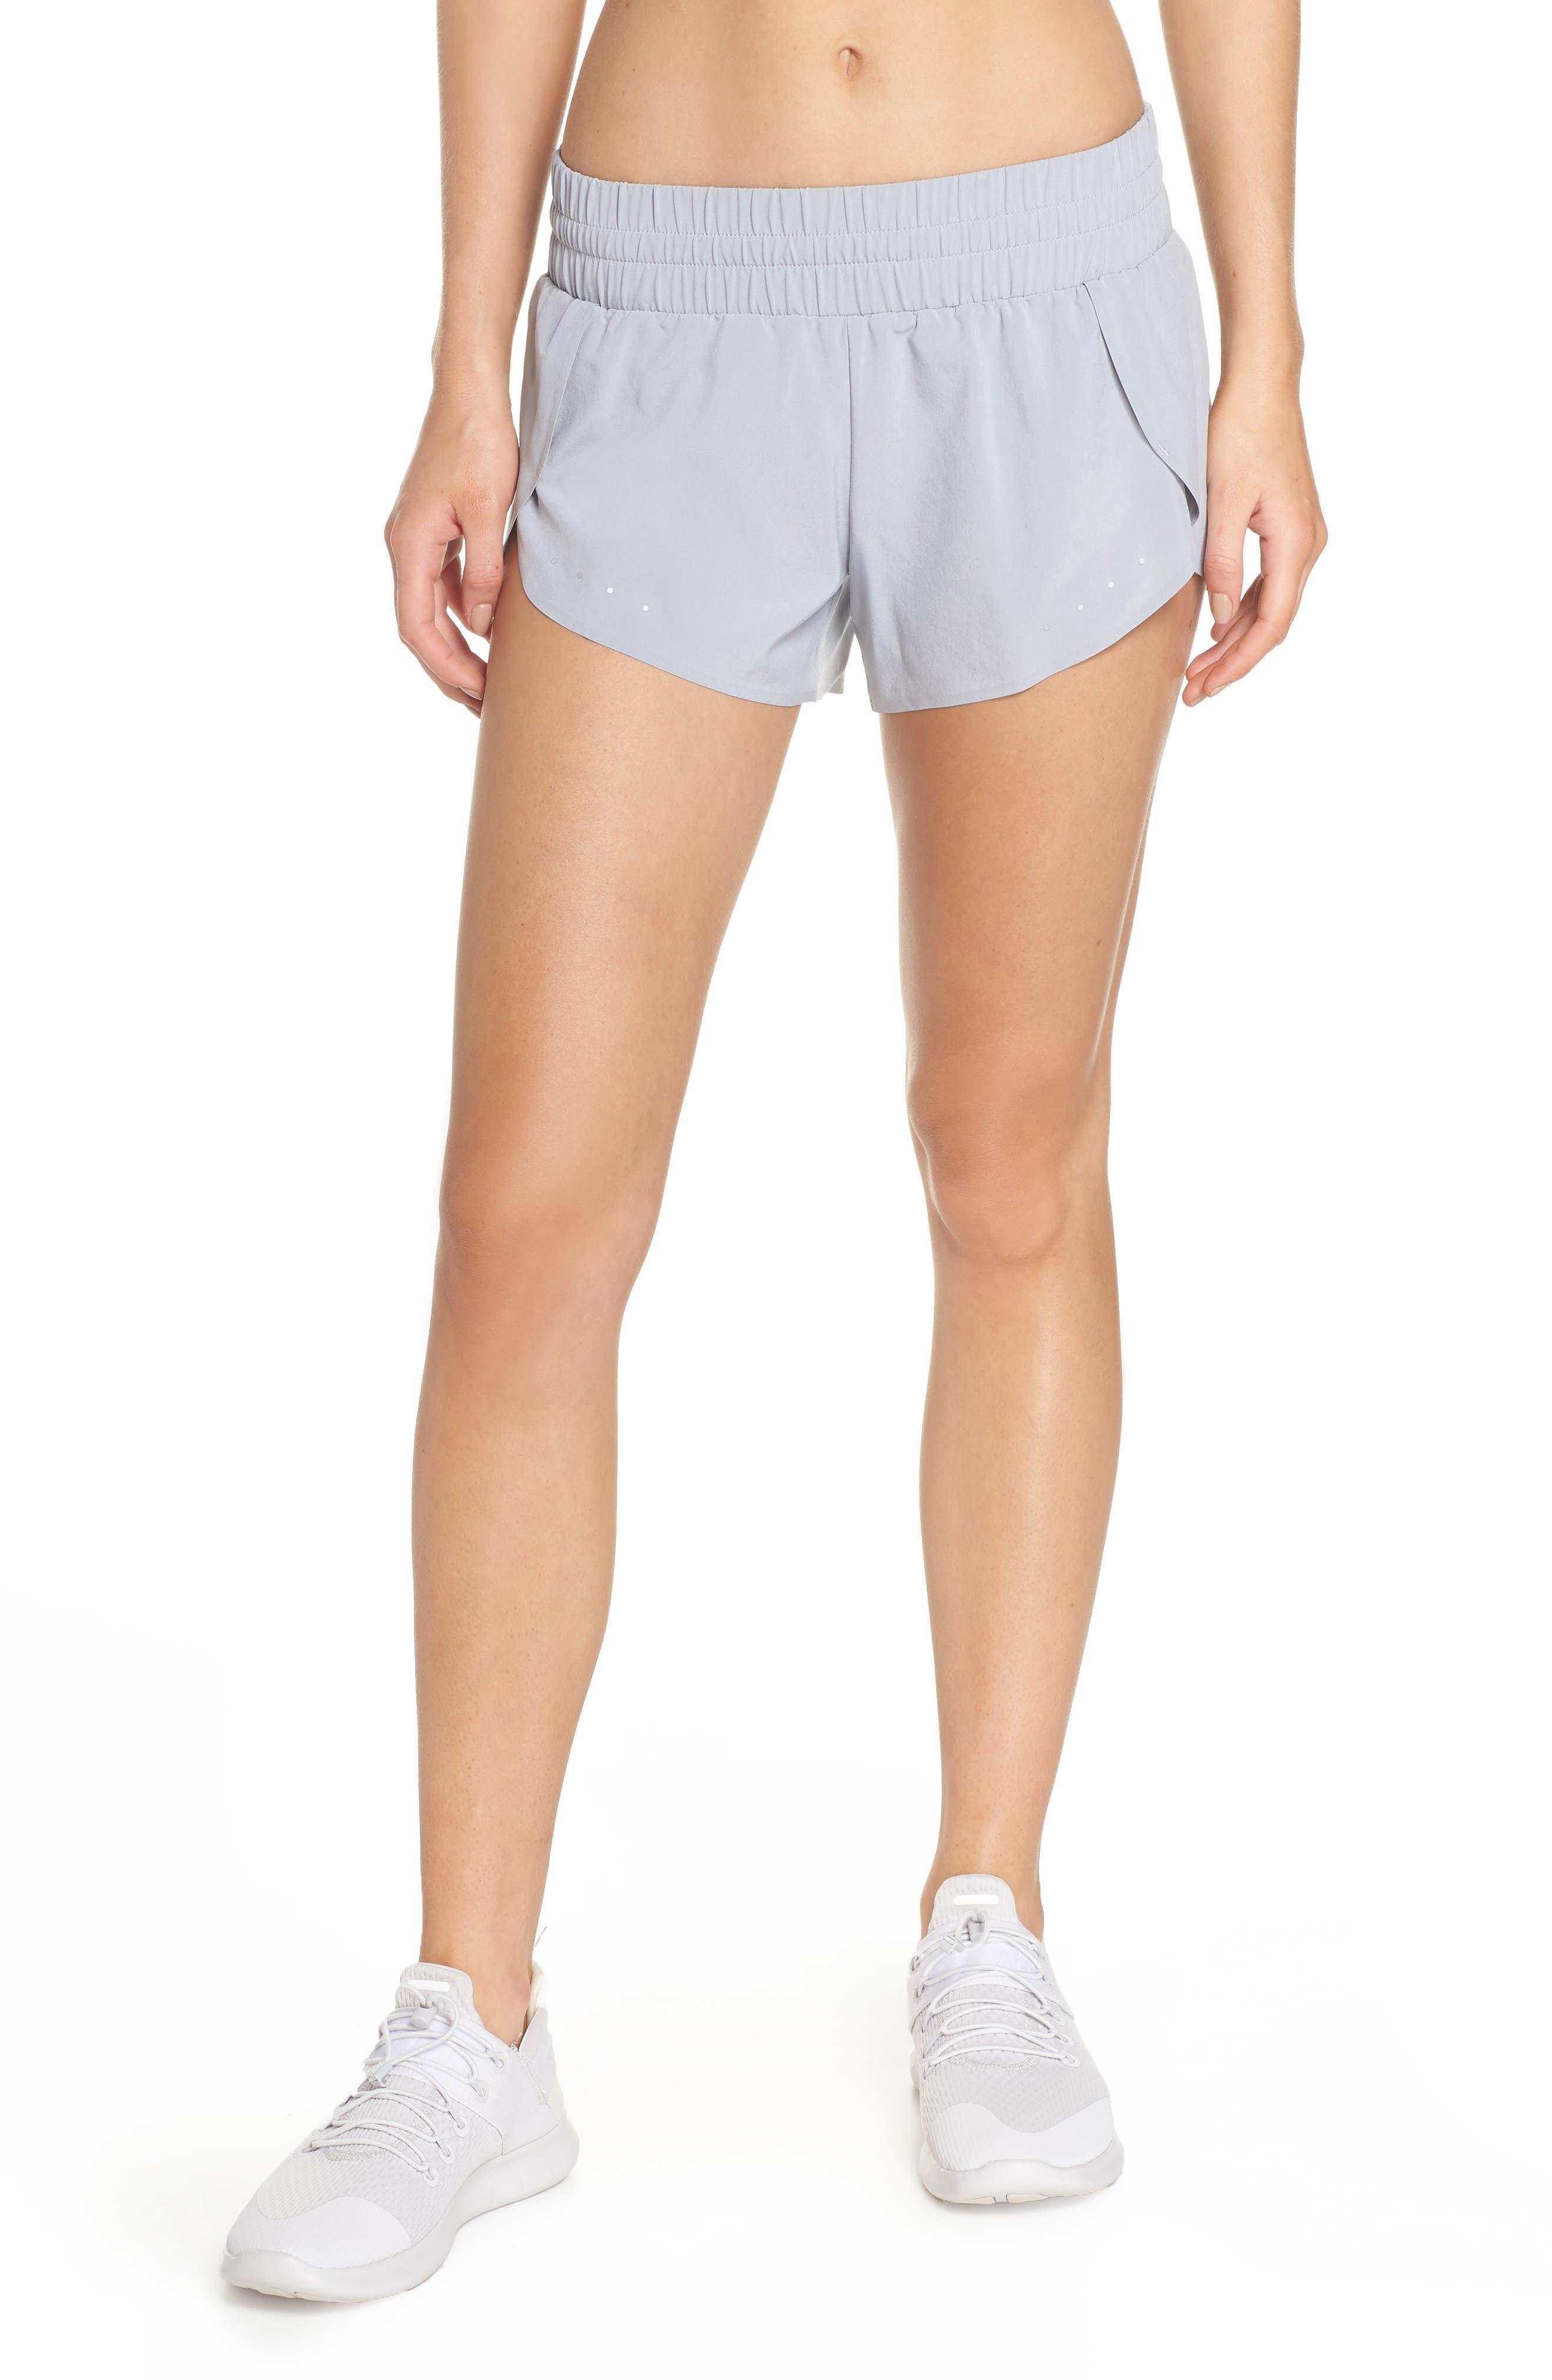 Run Play Shorts,                             Main thumbnail 1, color,                             Grey Wolf